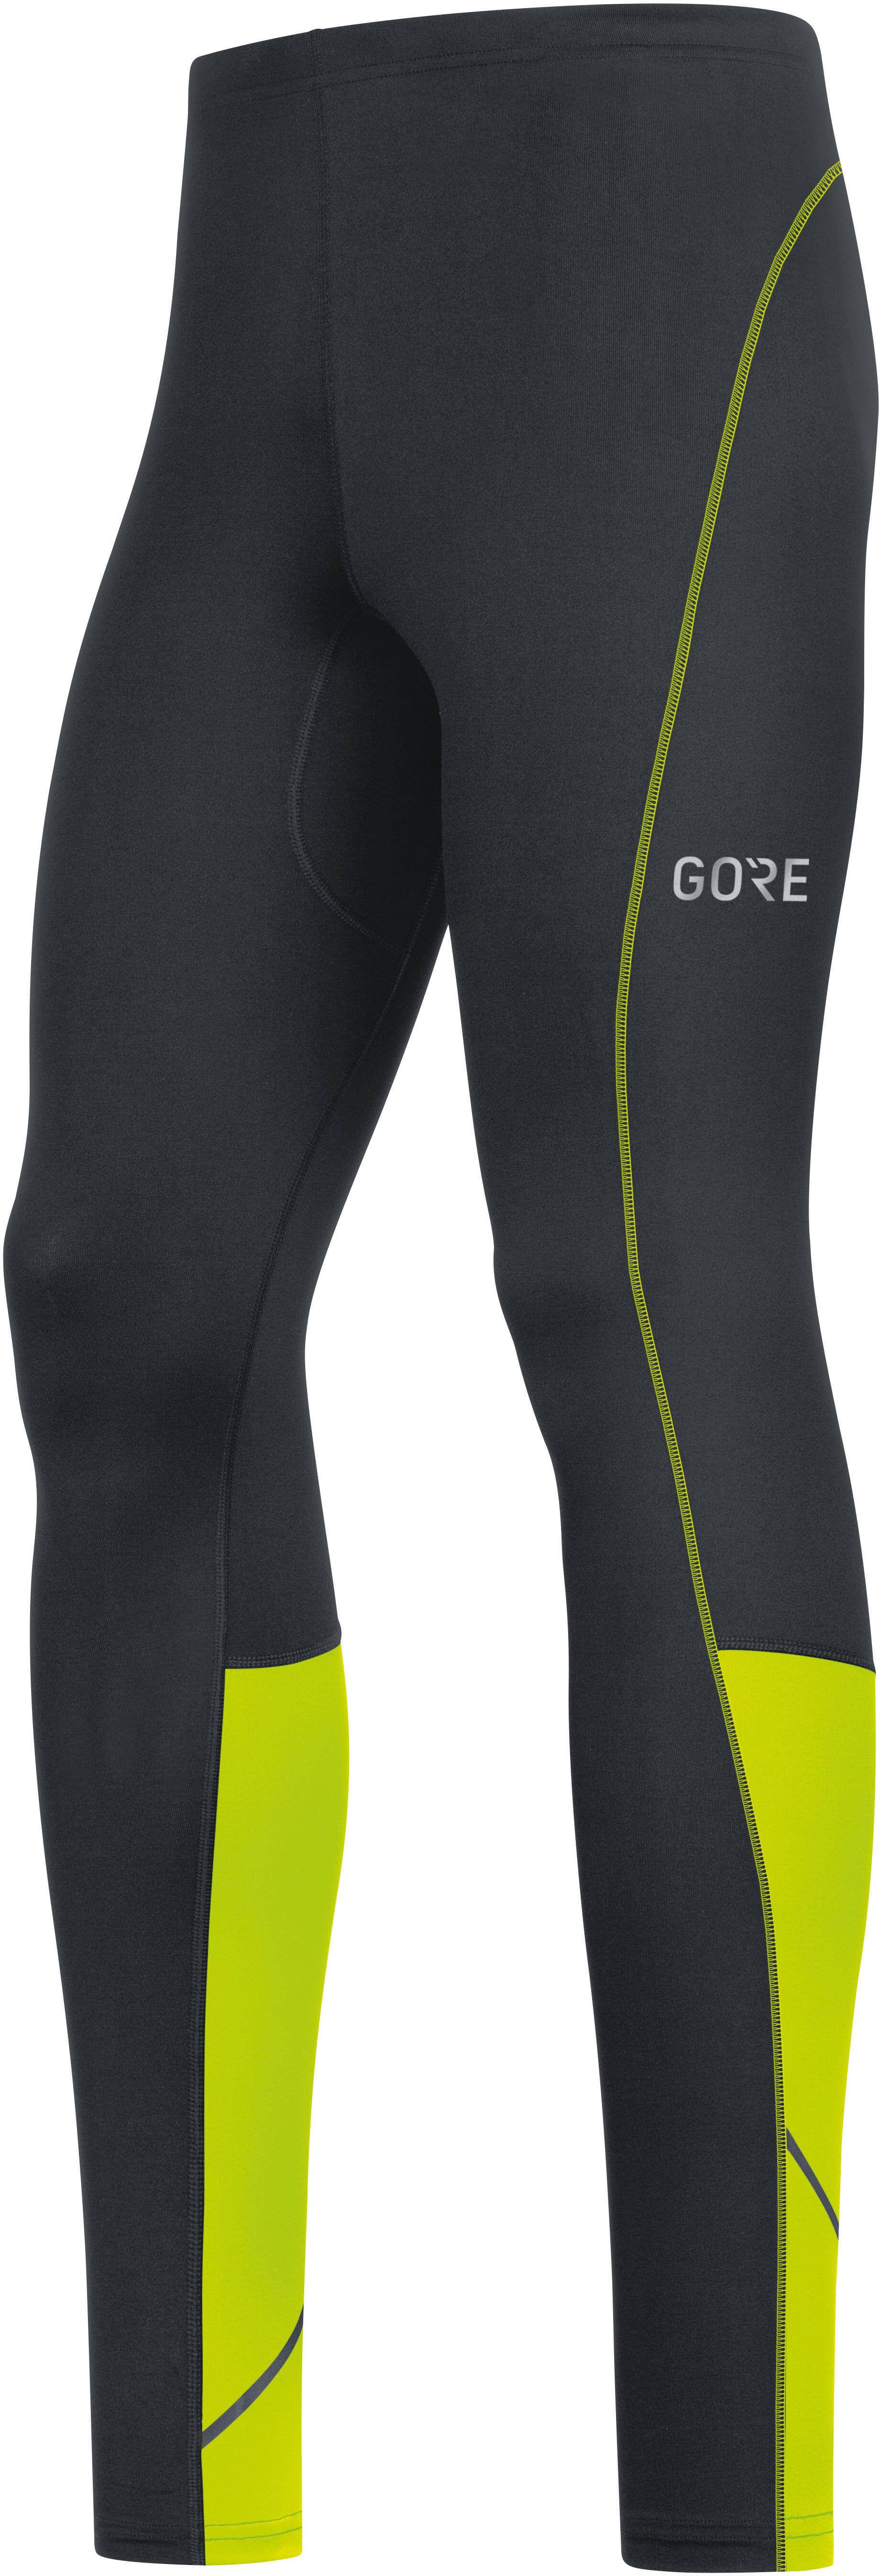 52b51f87cd6d95 GORE WEAR R3 Running Pants Men black at Bikester.co.uk